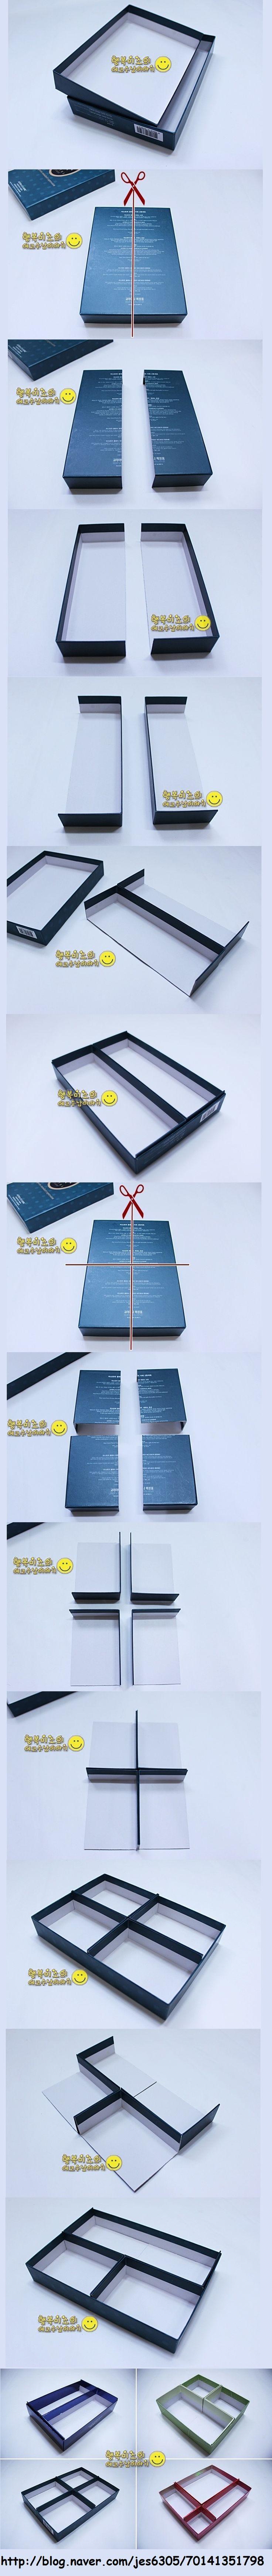 La reutilización de cajas de papel.: